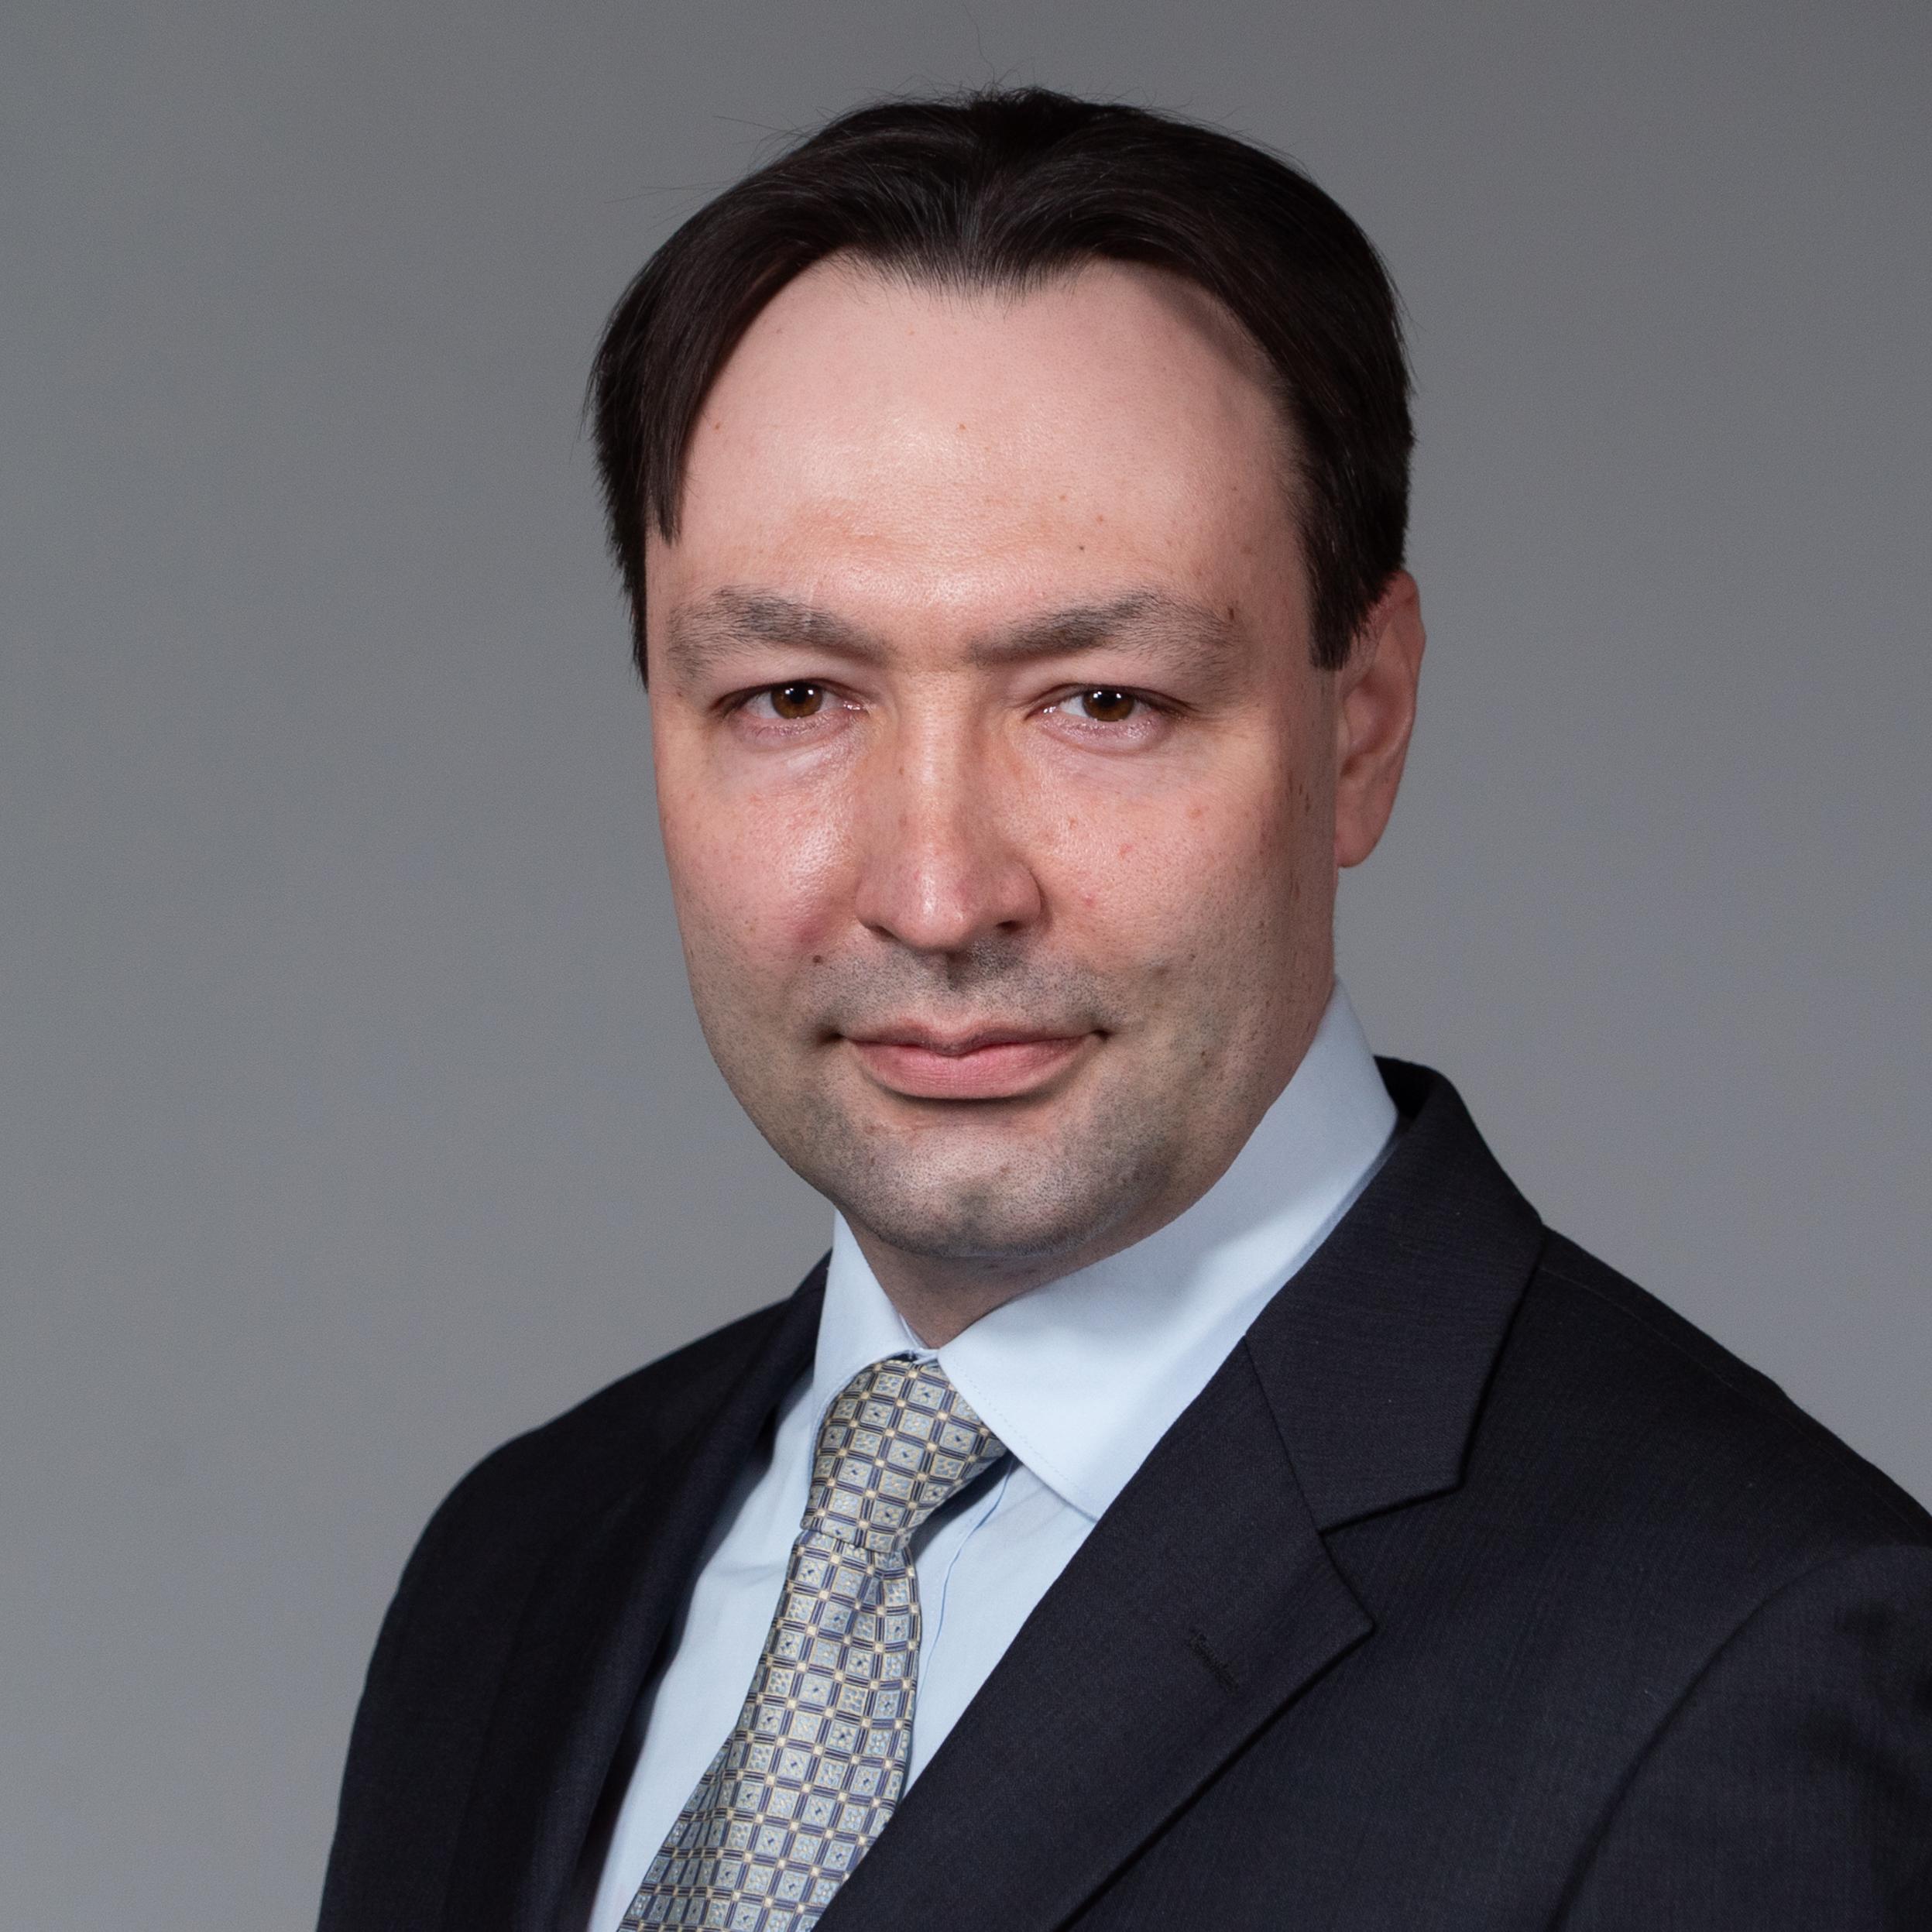 Савинич Сергей Сергеевич